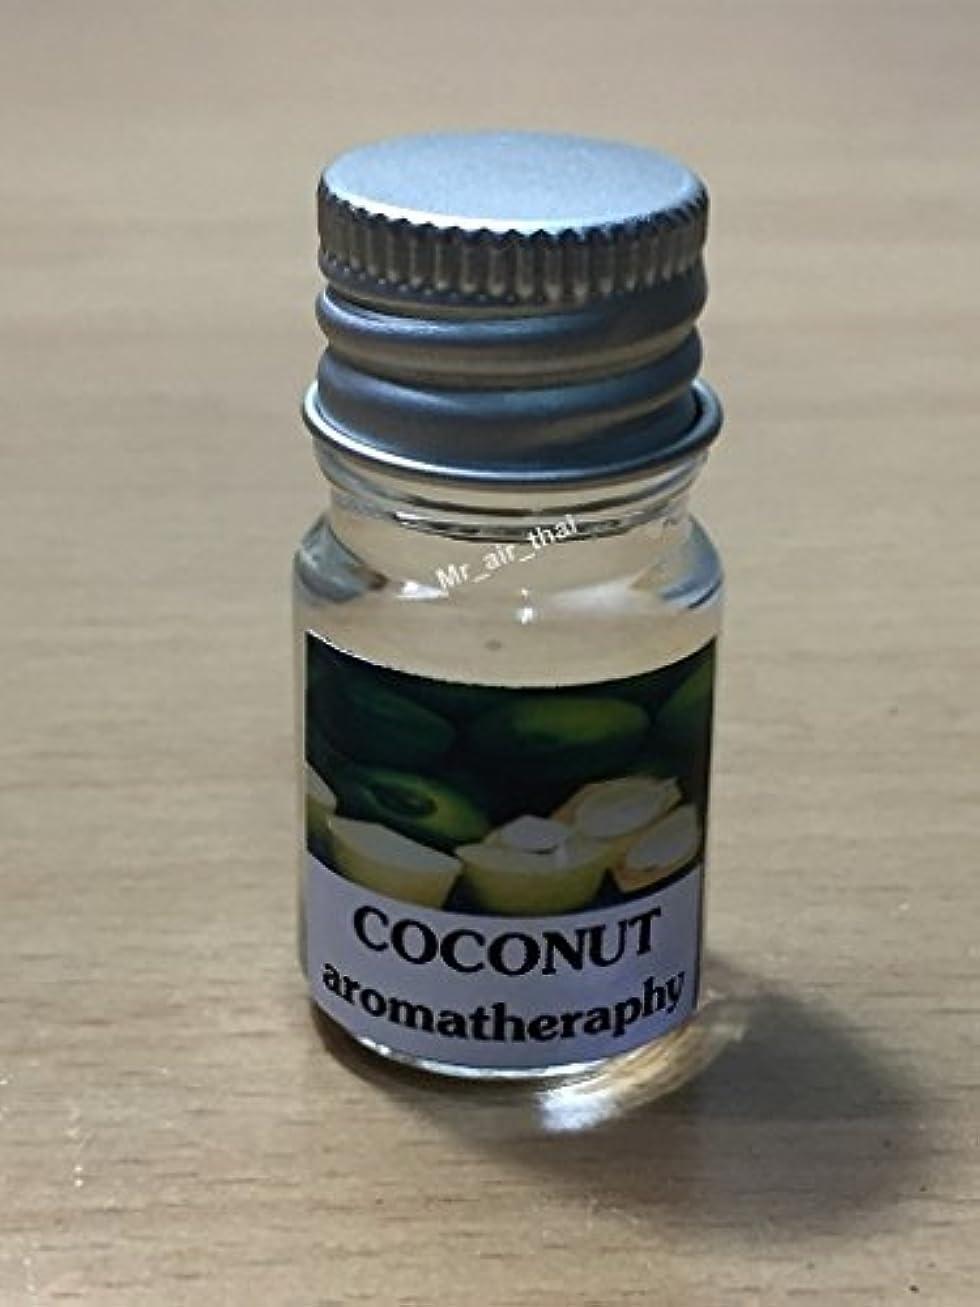 成分返済火曜日5ミリリットルアロマココナッツフランクインセンスエッセンシャルオイルボトルアロマテラピーオイル自然自然5ml Aroma Coconut Frankincense Essential Oil Bottles Aromatherapy...